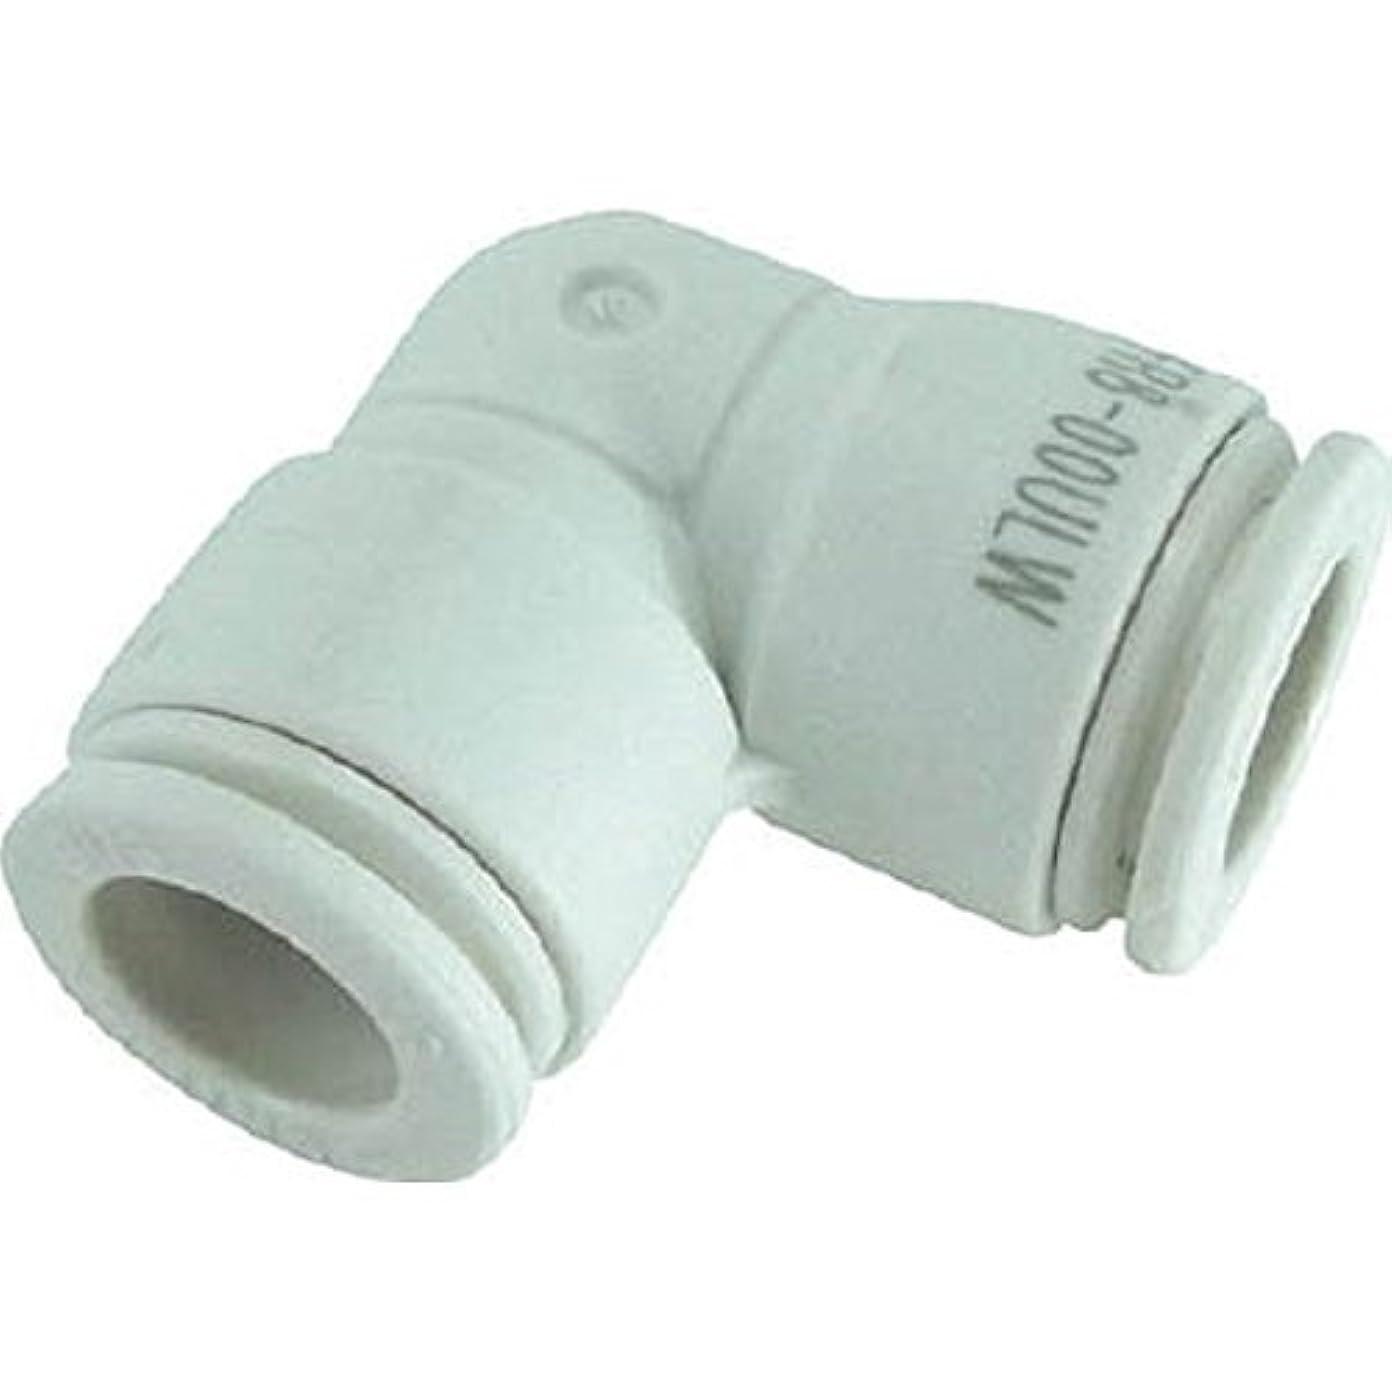 帰するきちんとした放射性チヨダ ファイブユニオンエルボ W(白)8mm FR800ULW